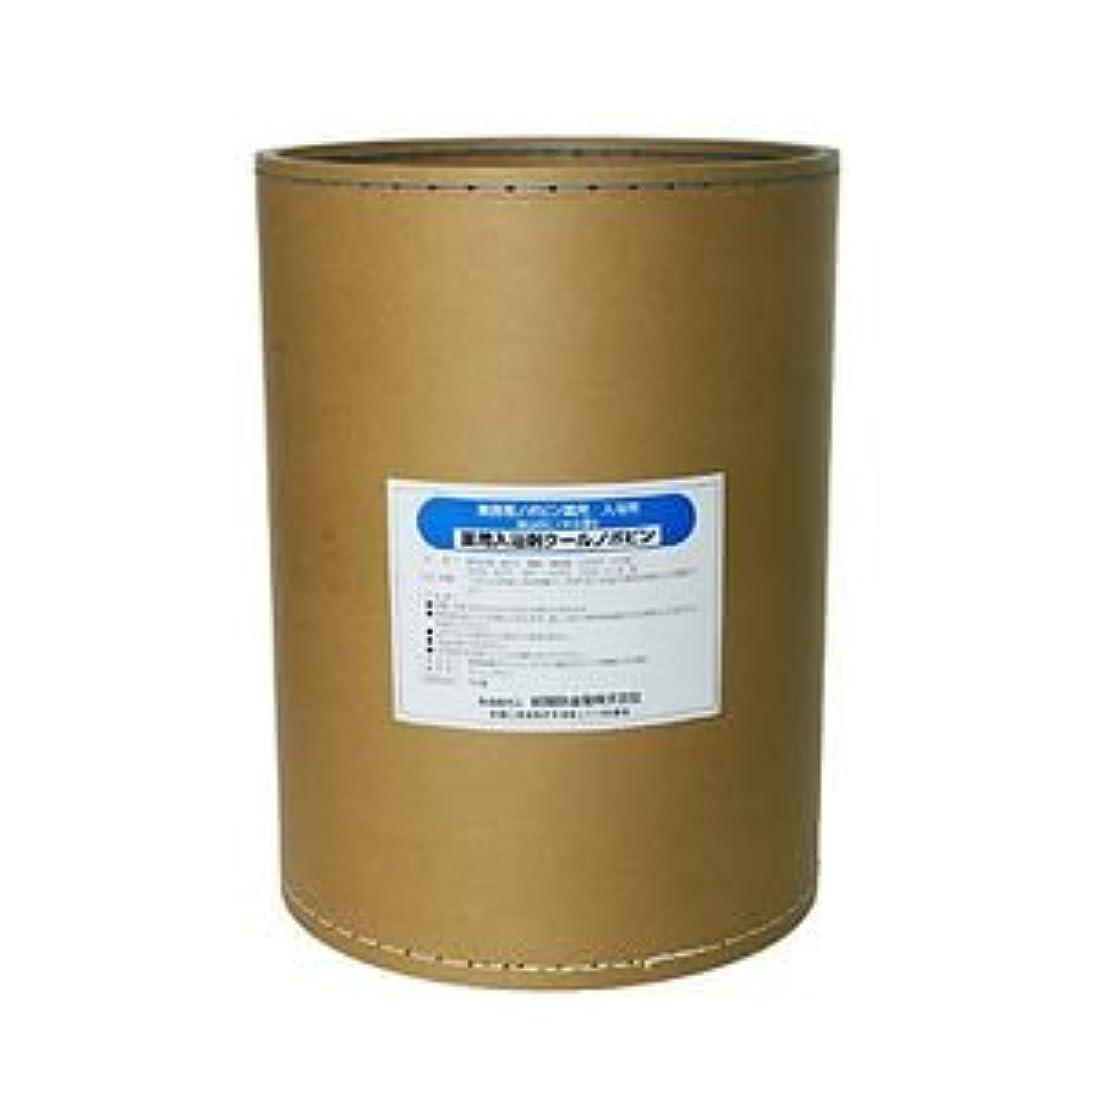 特別なカスケード番号業務用入浴剤 クールノボピン 18kg